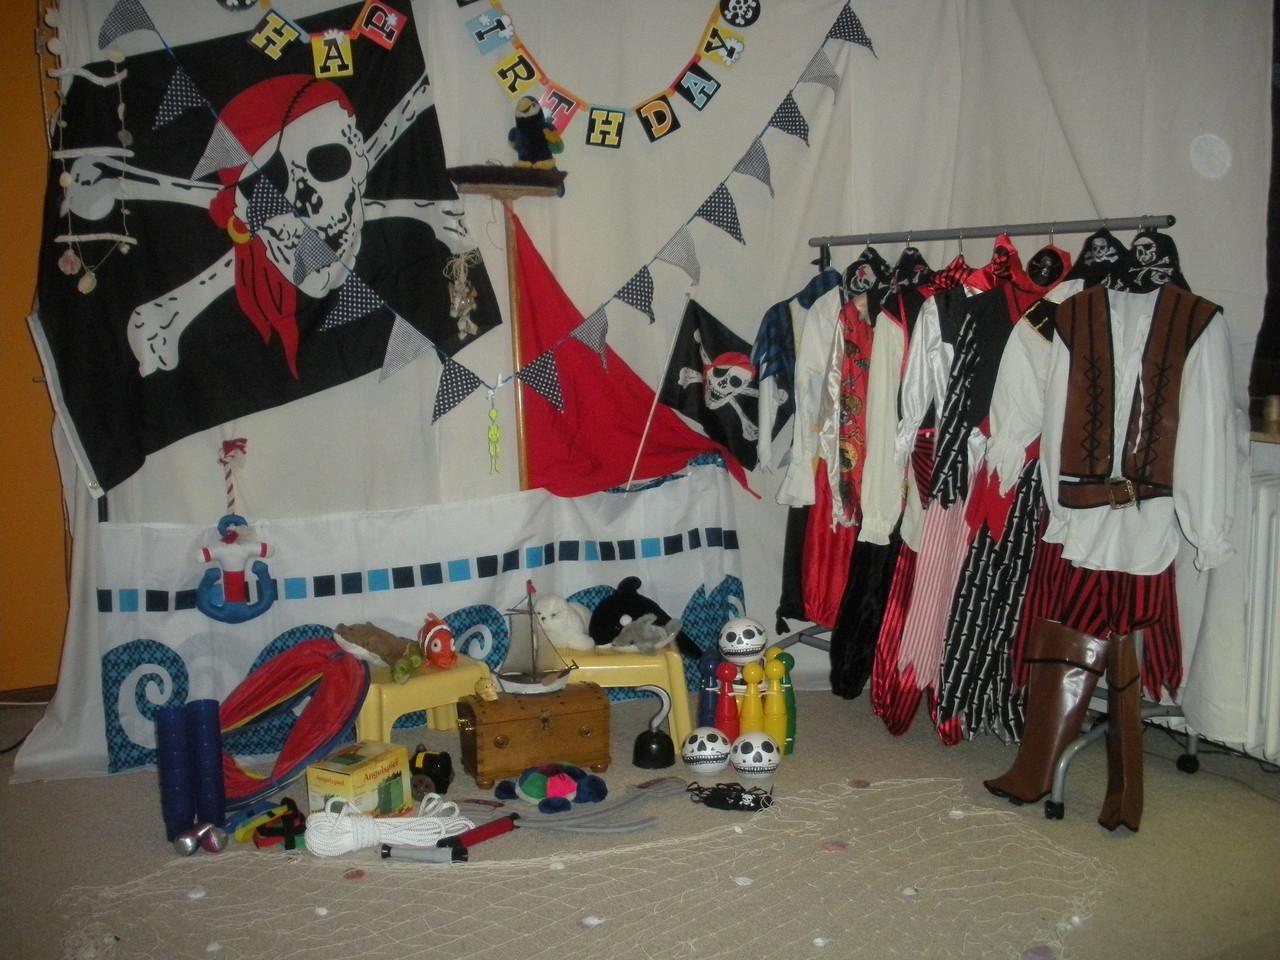 Piratenparty mit Kostümen, Deko, Geschichten und Spielen und ...